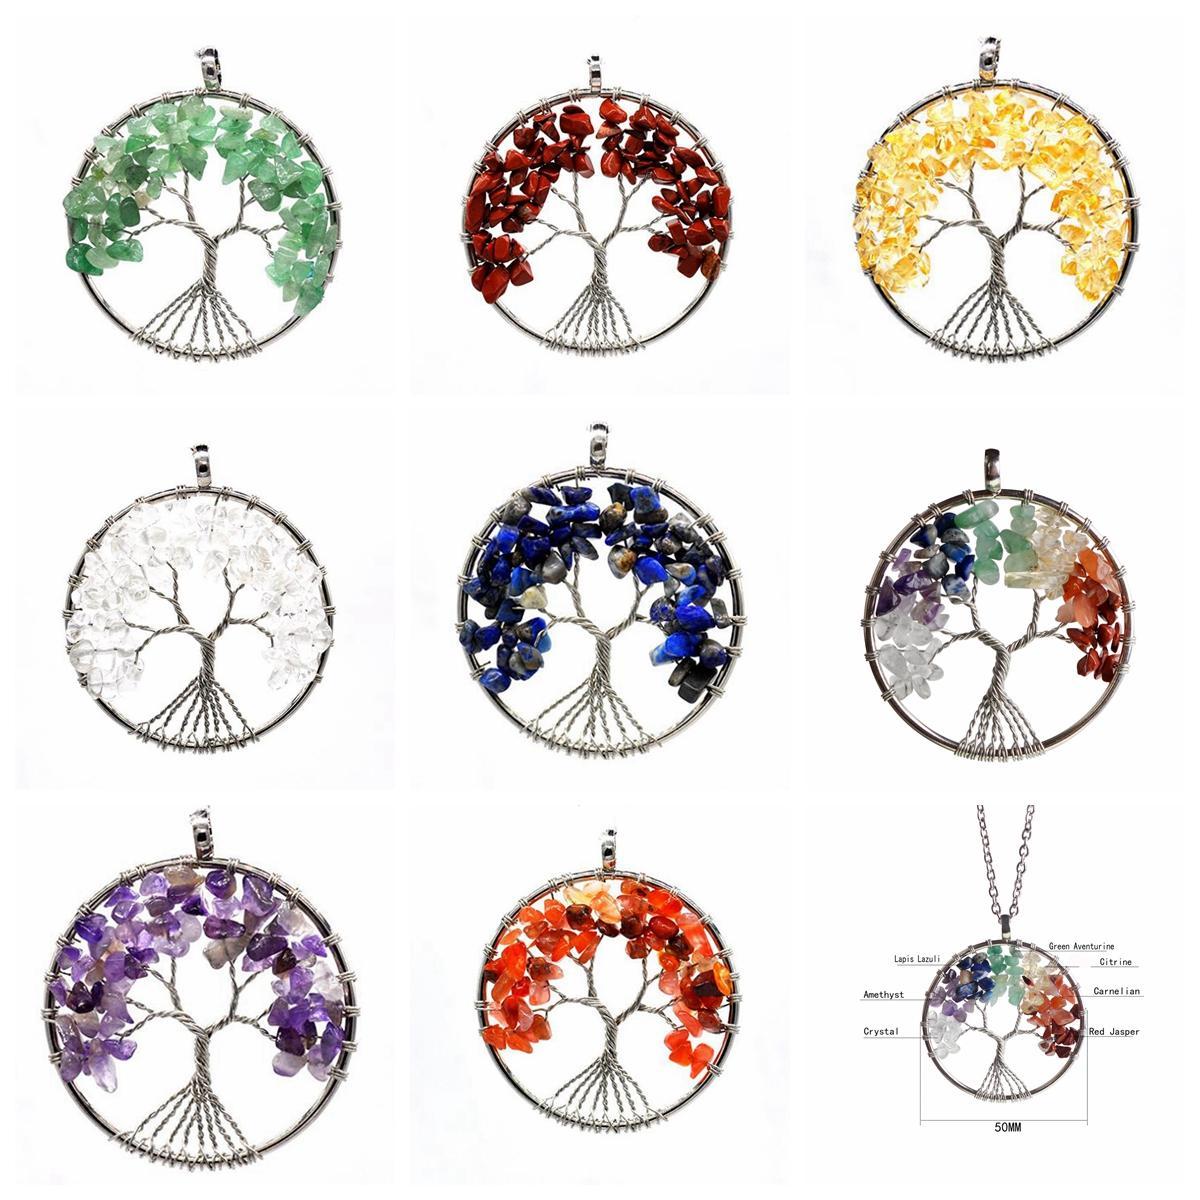 Дерево жизни ожерелье 7 чакра камень бусины природный Аметист стерлингового серебра ювелирные изделия цепи колье кулон ожерелья Для женщин подарок